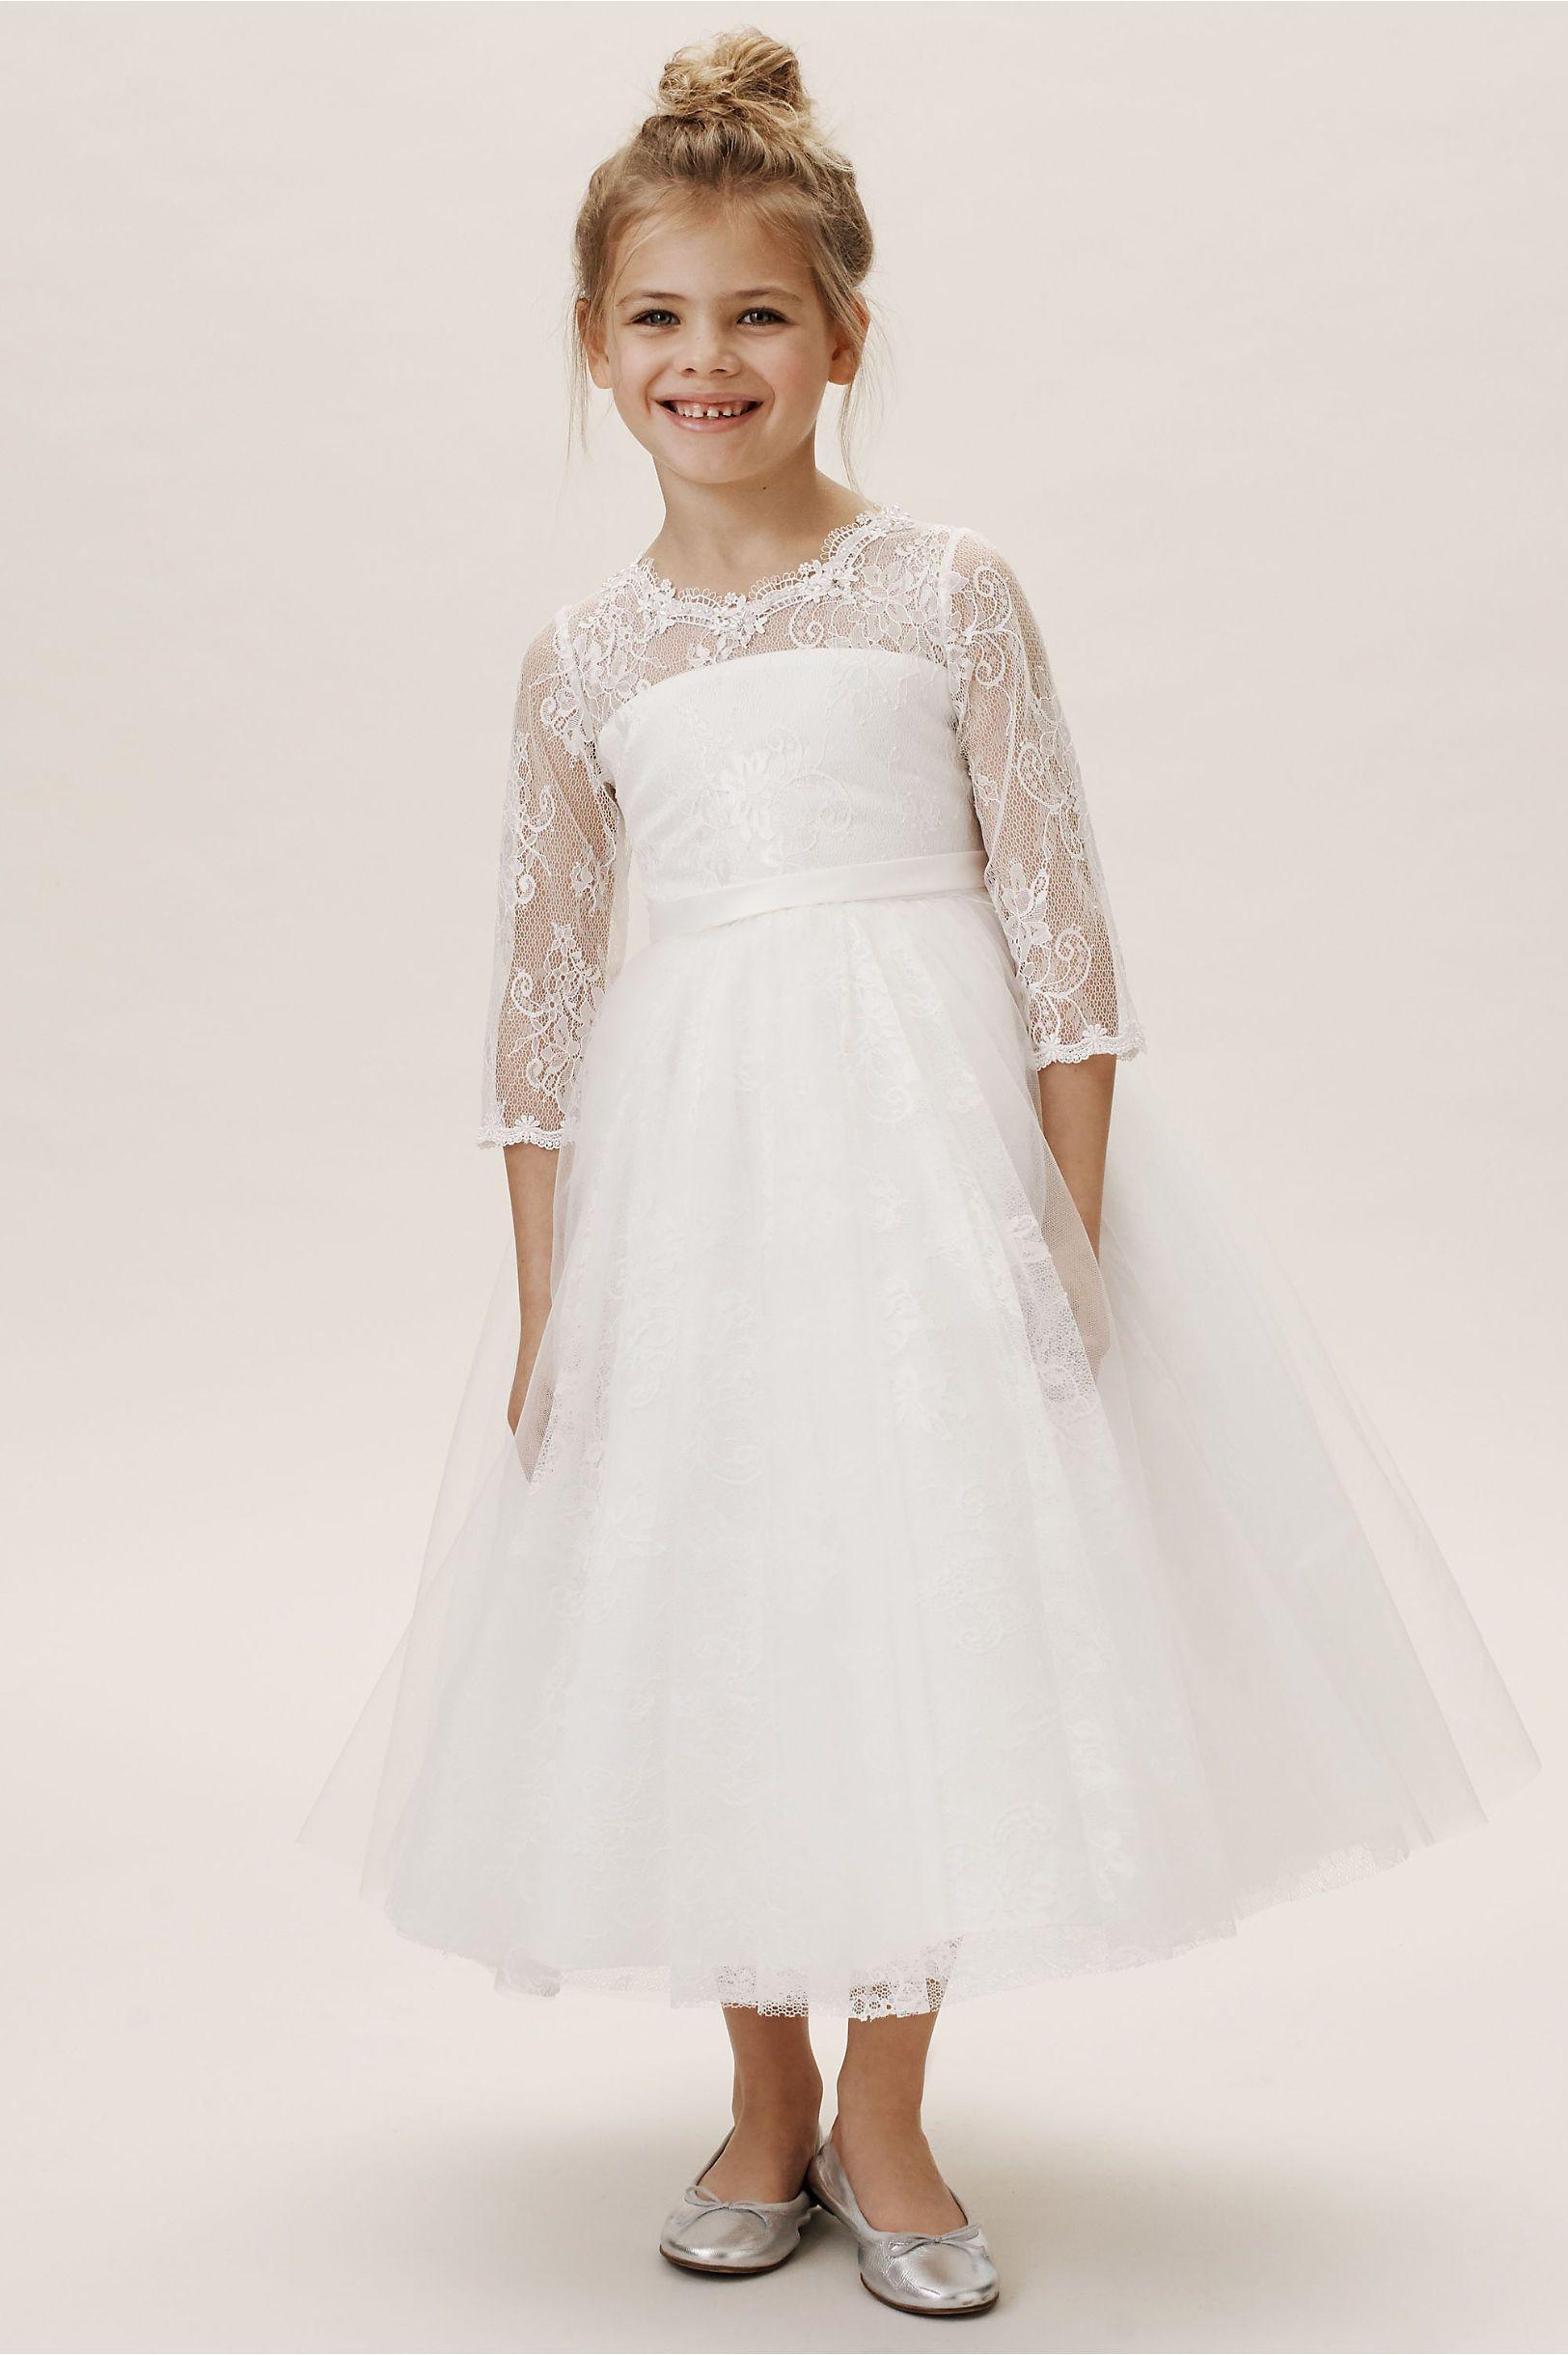 e581cb5f1 BHLDN's Princess Daliana Liana Dress in Ivory/ivory | Products ...